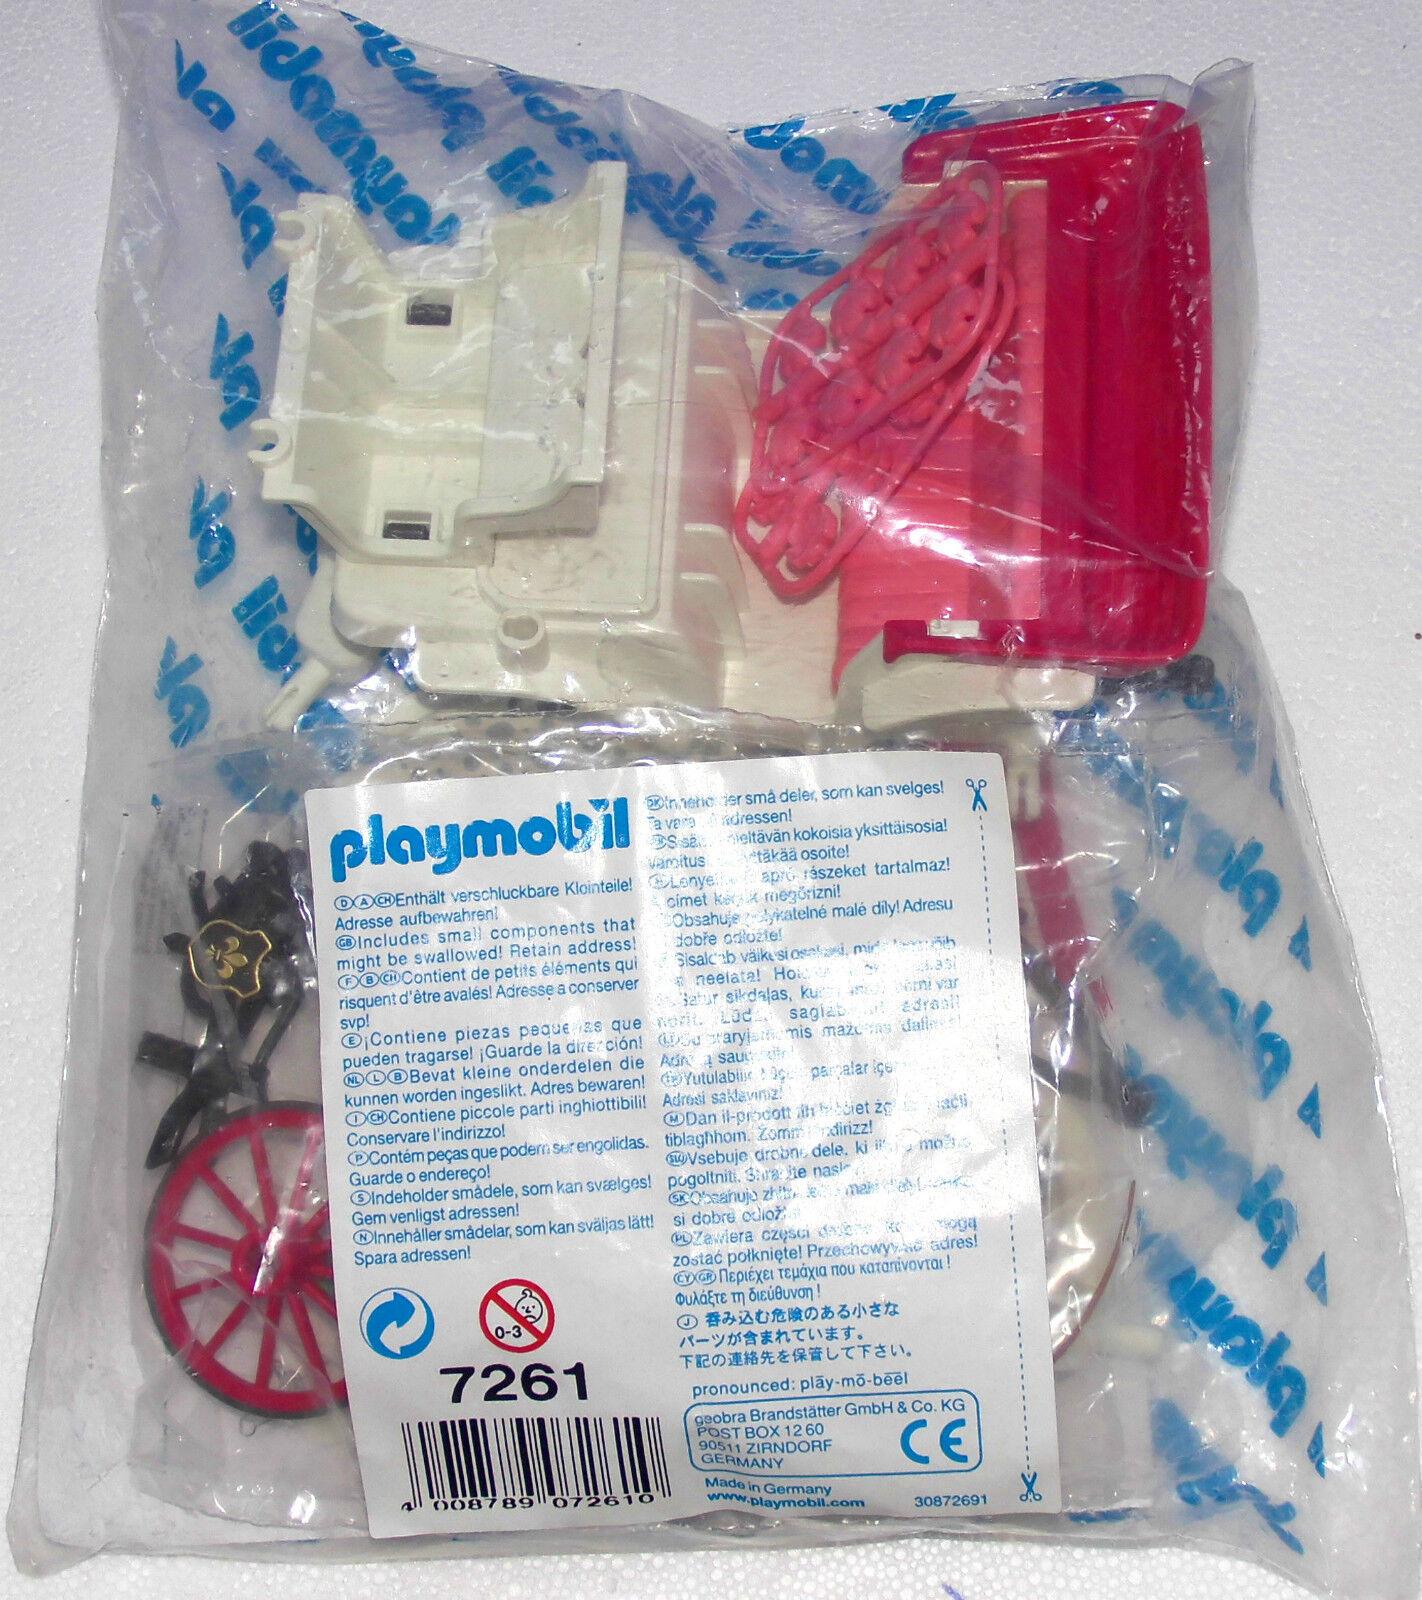 Matrimonio Wagonzza Playmobil 7261  per 5601 in Originale Pellicola Nuovo - Top  outlet